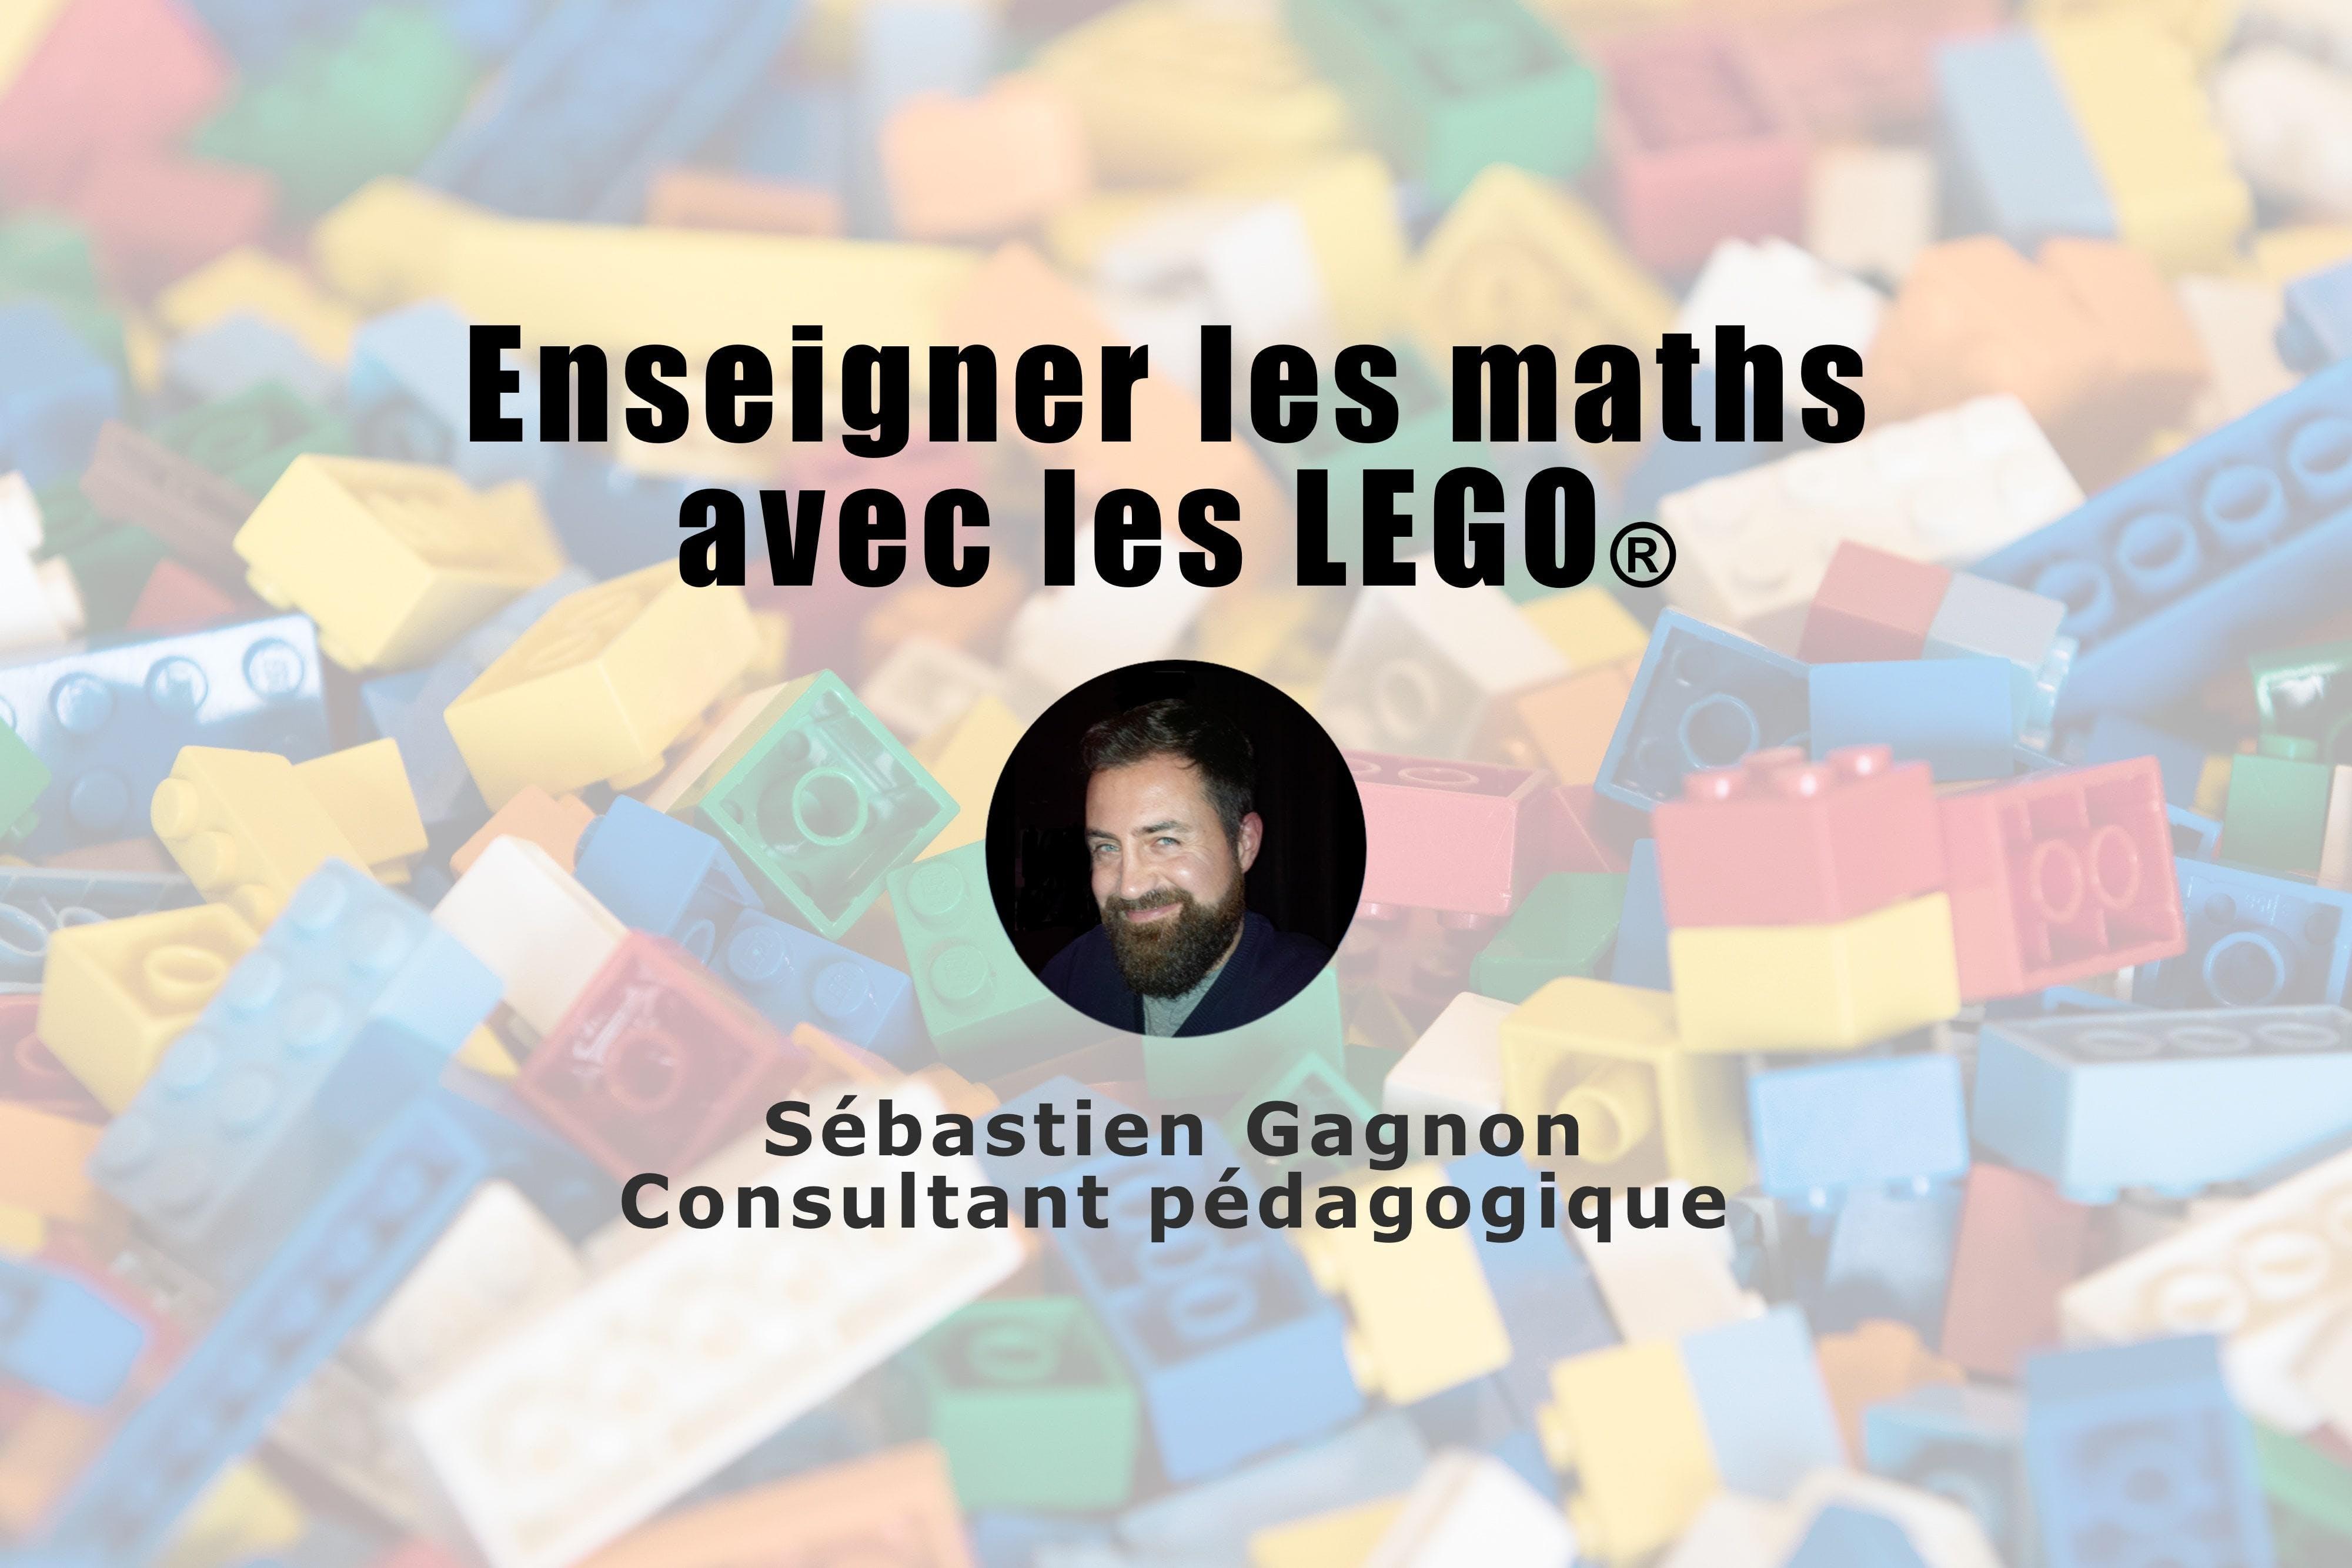 Enseigner les maths avec les LEGO® (Québec)